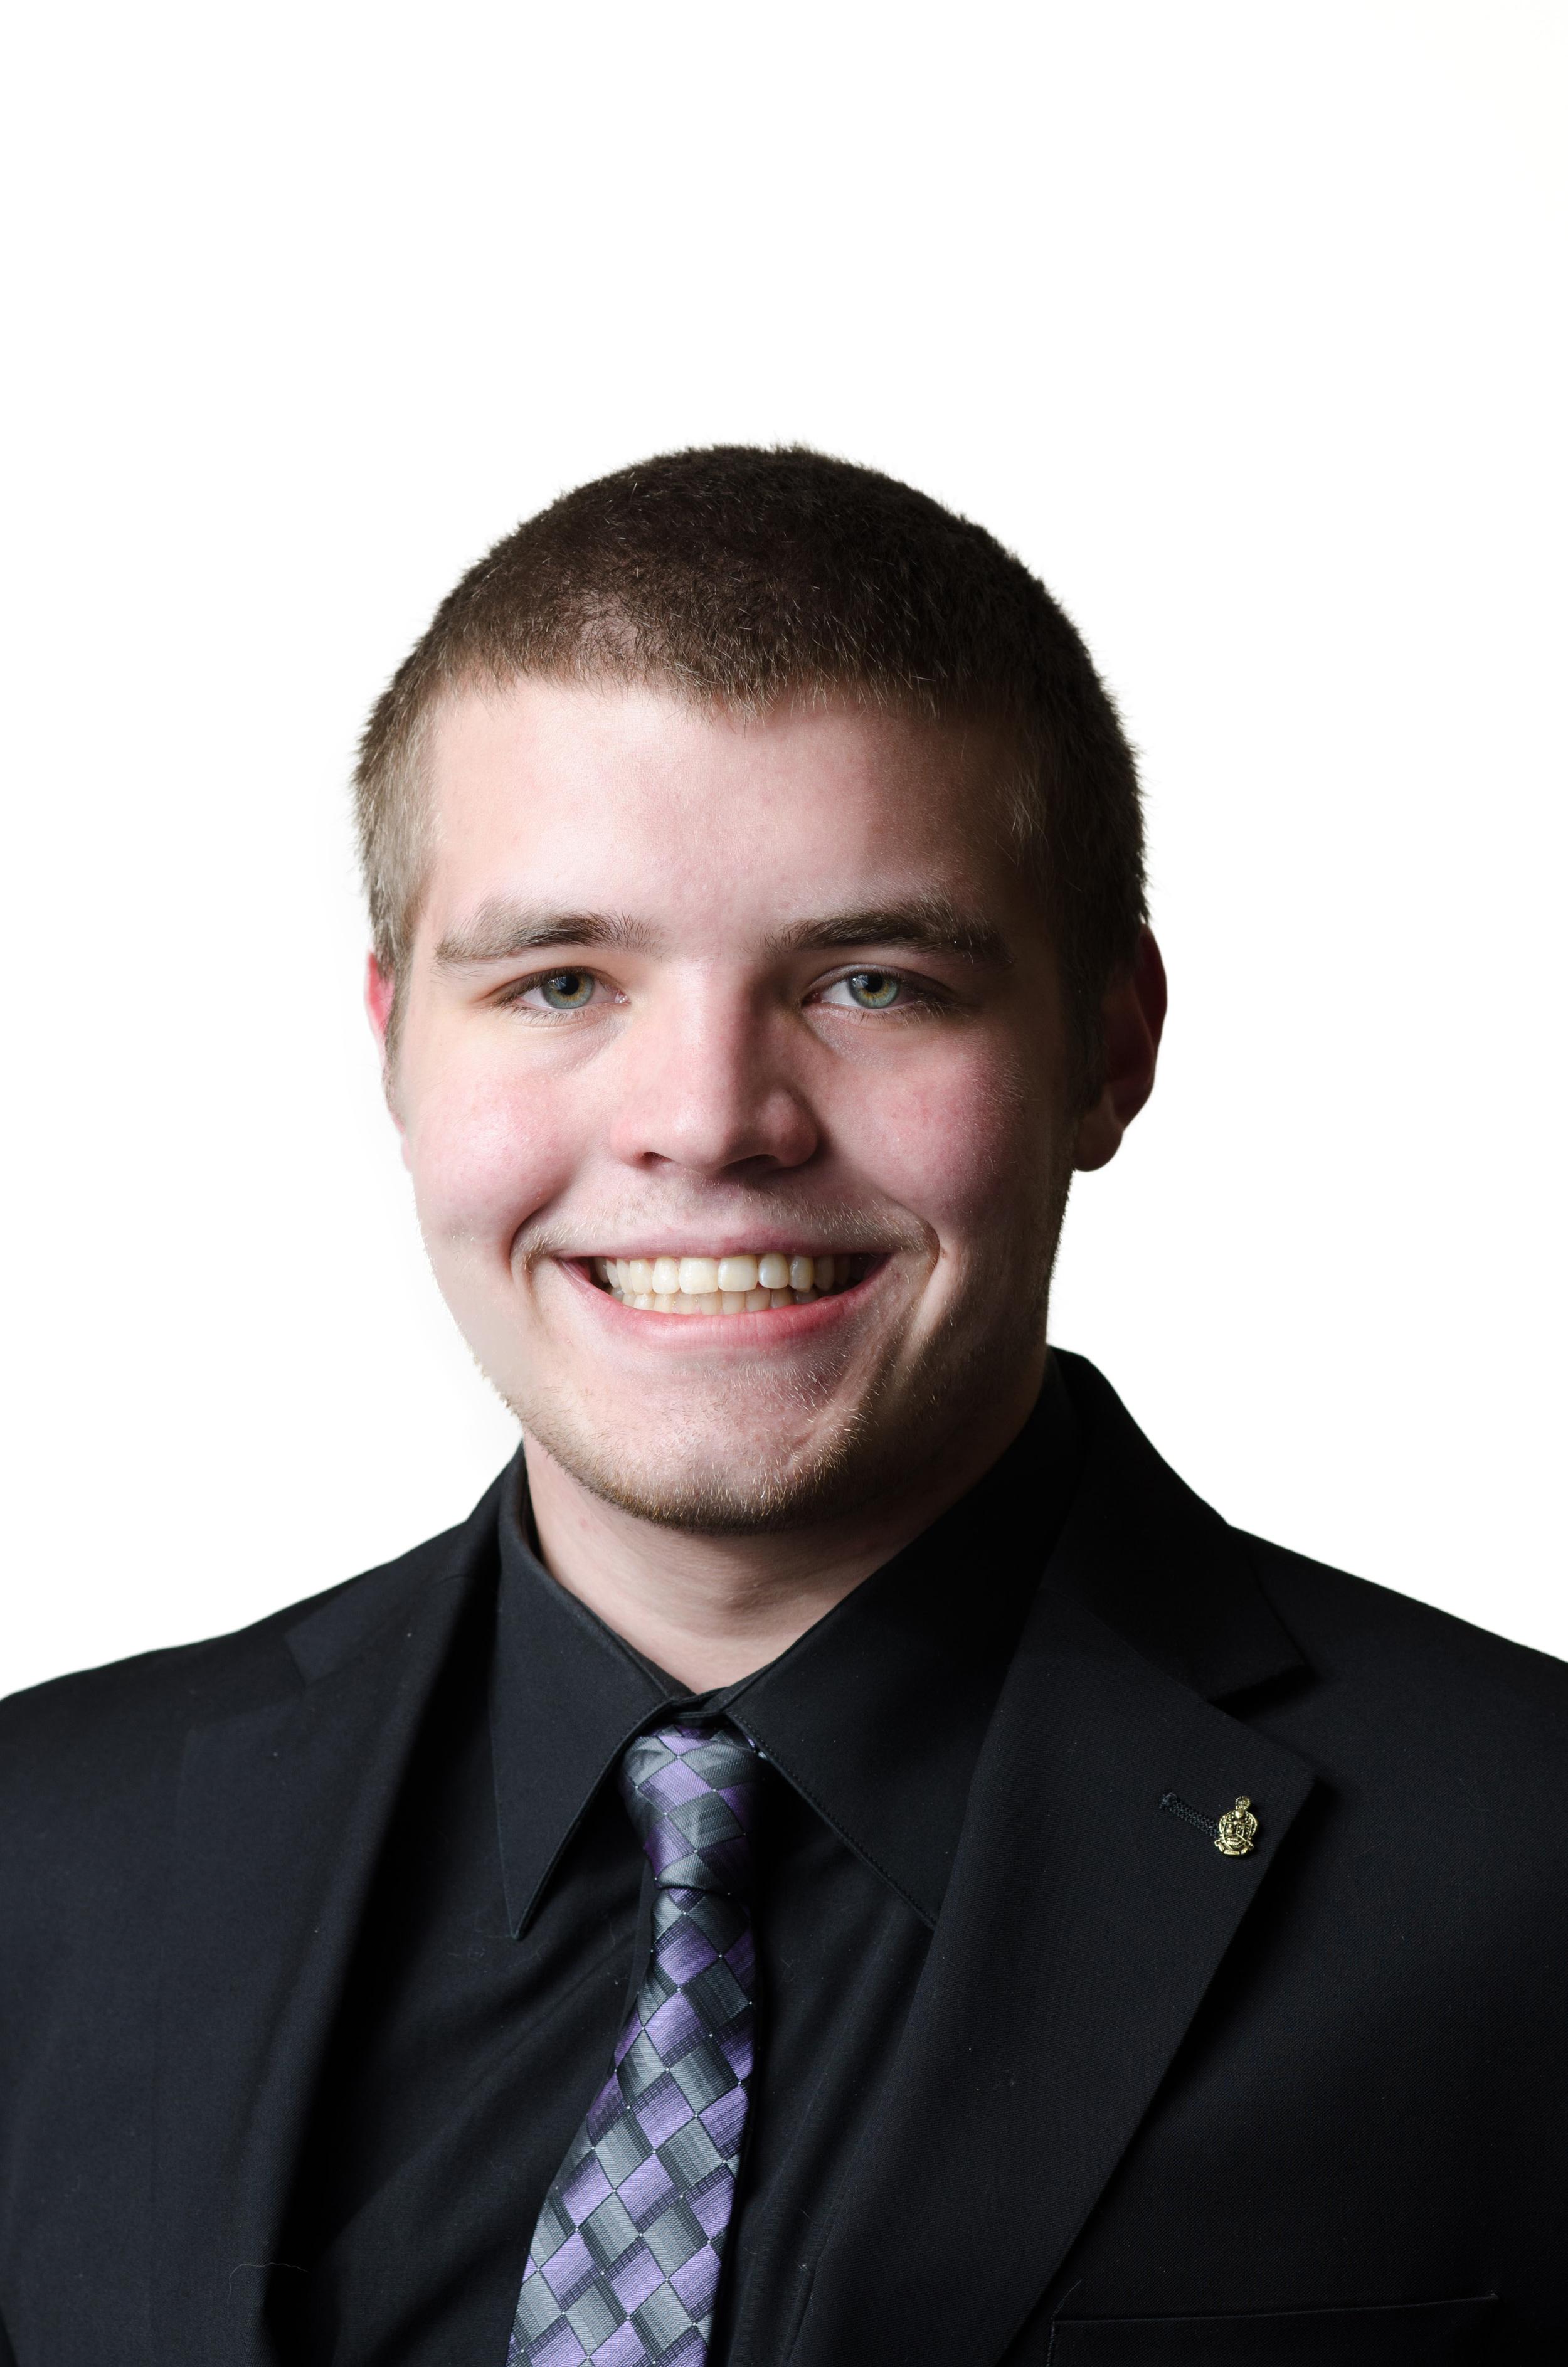 Joshua Blakeley